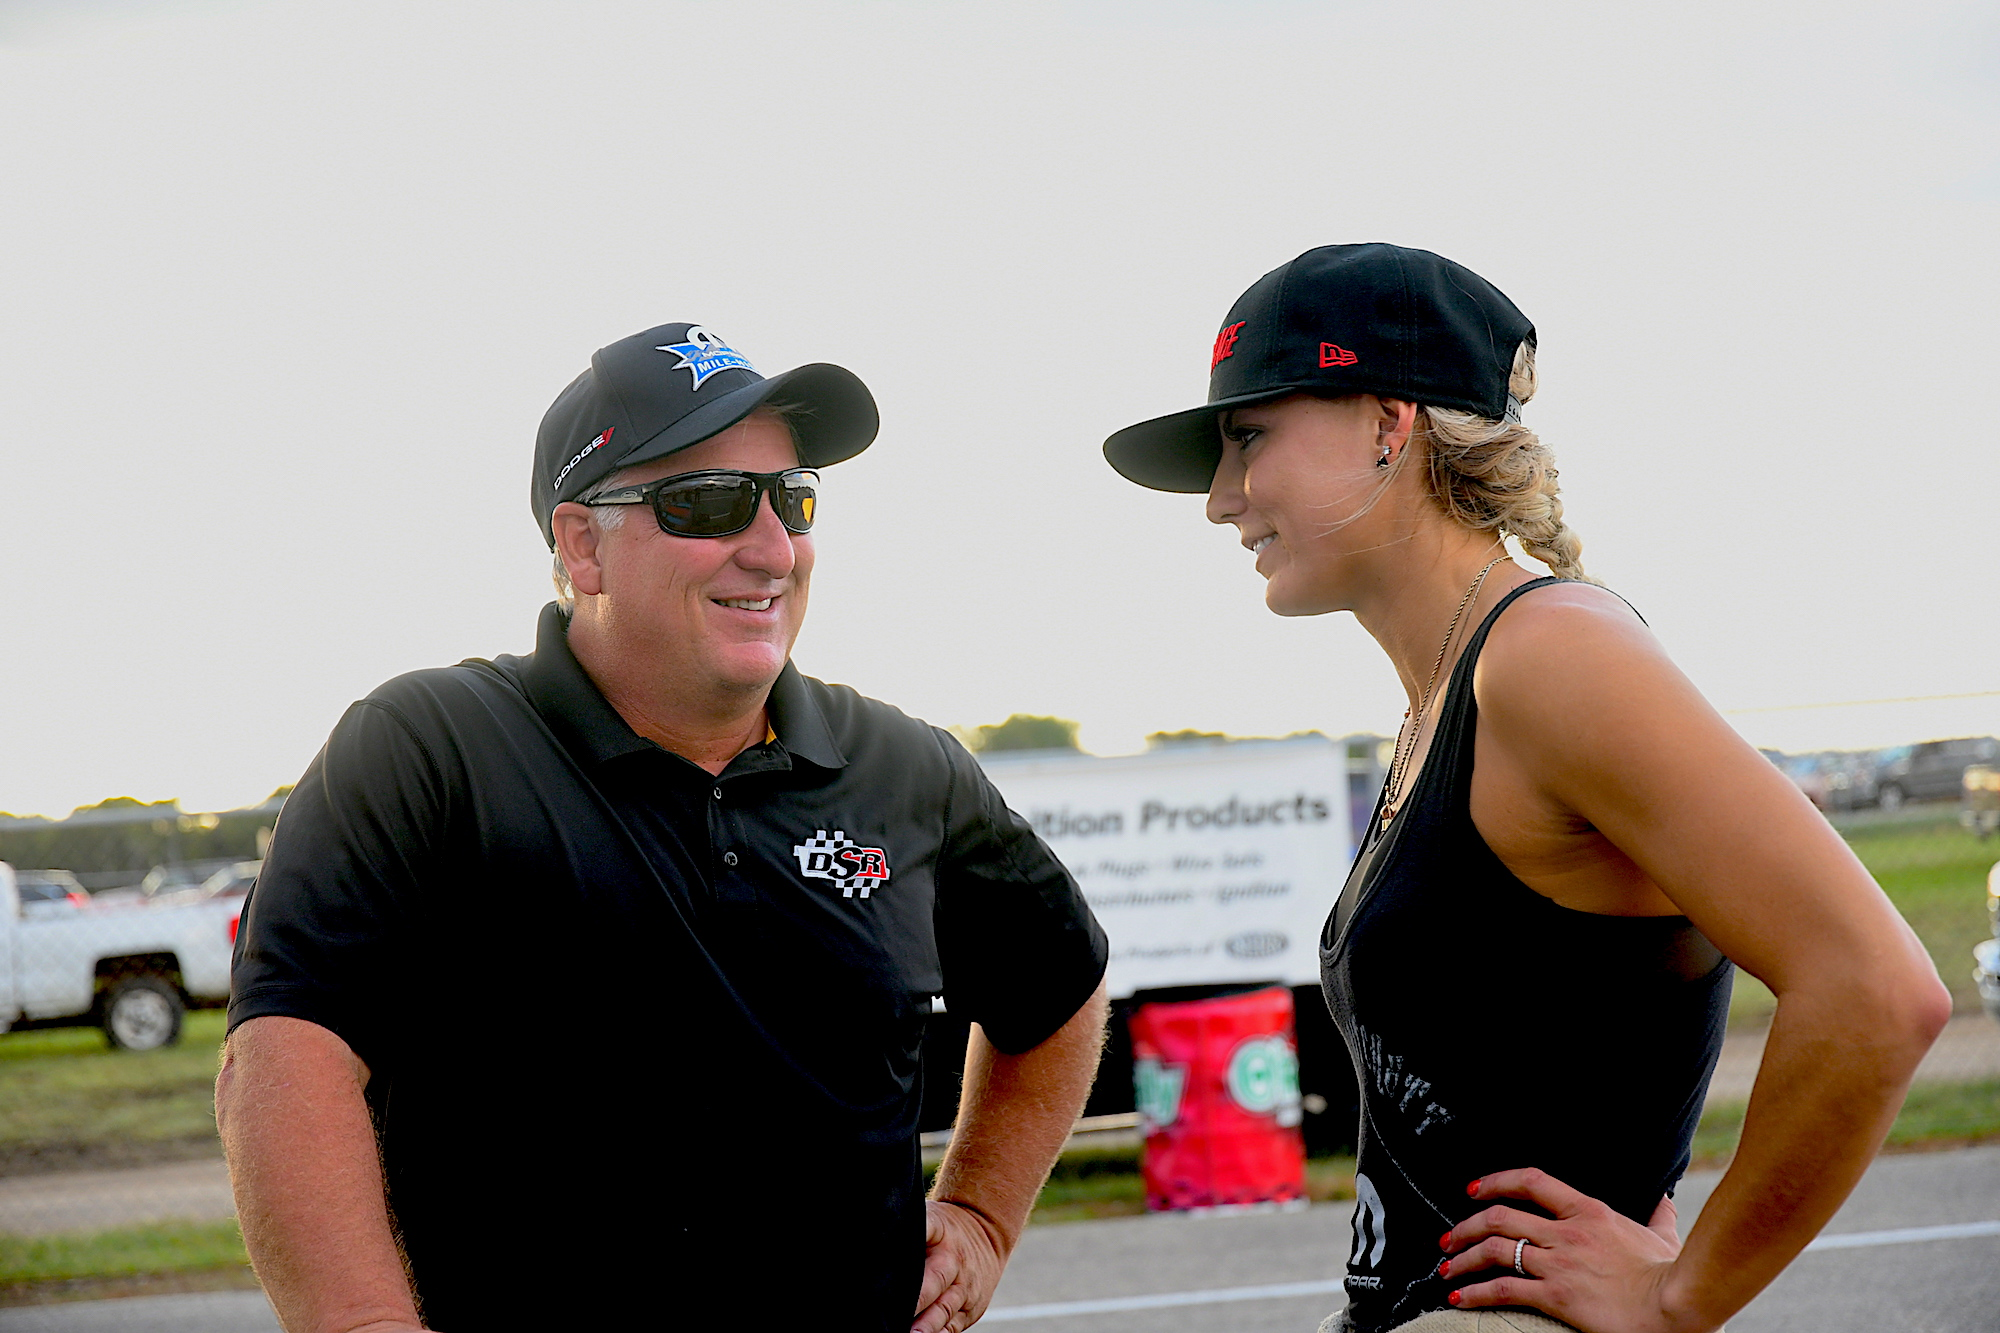 Kevin Helms & Leah Pruett